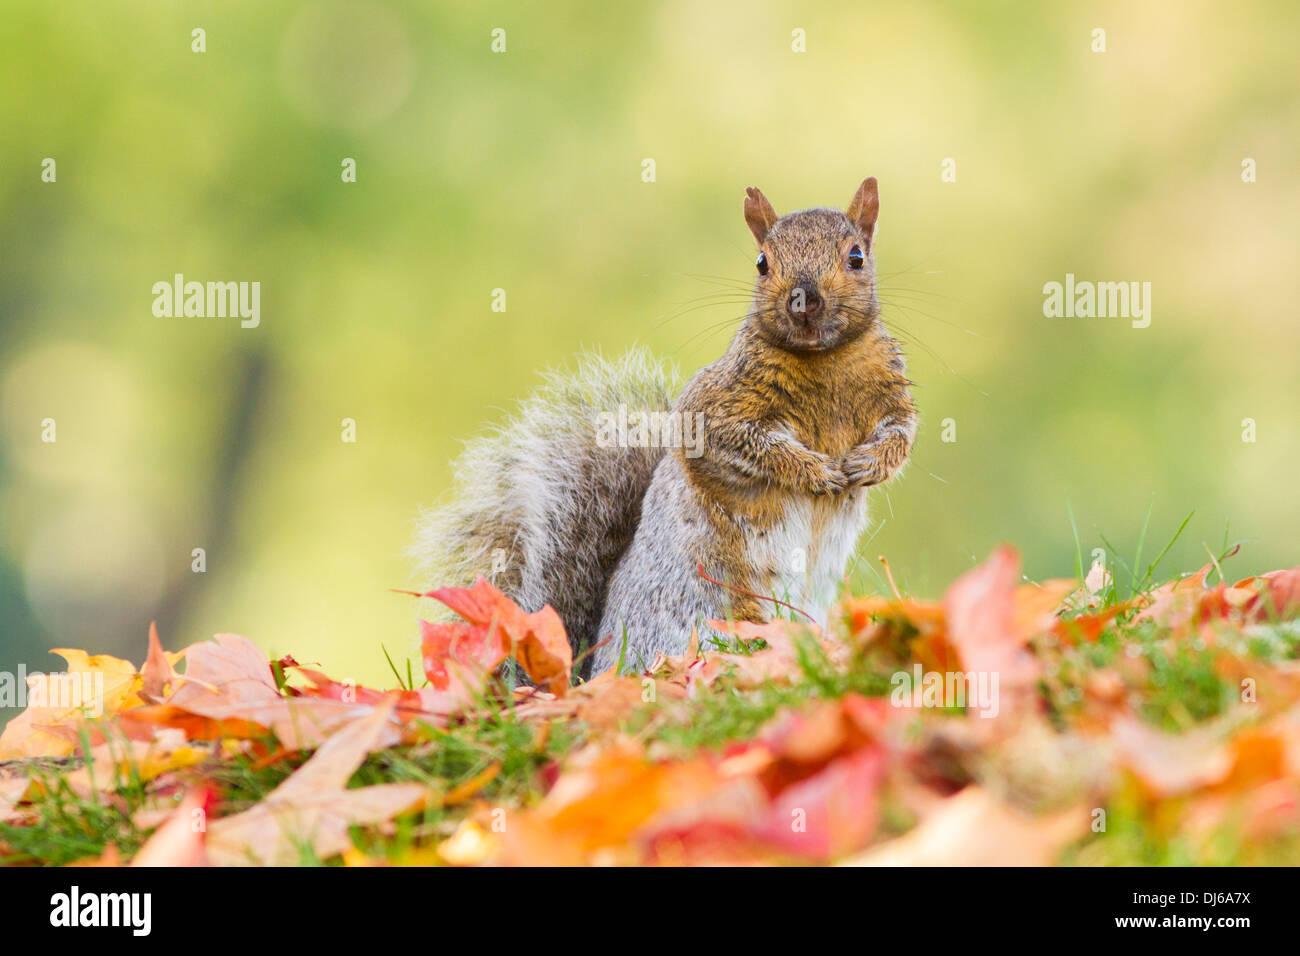 Gray squirrel (Sciurus carolinensis) in autumn. - Stock Image